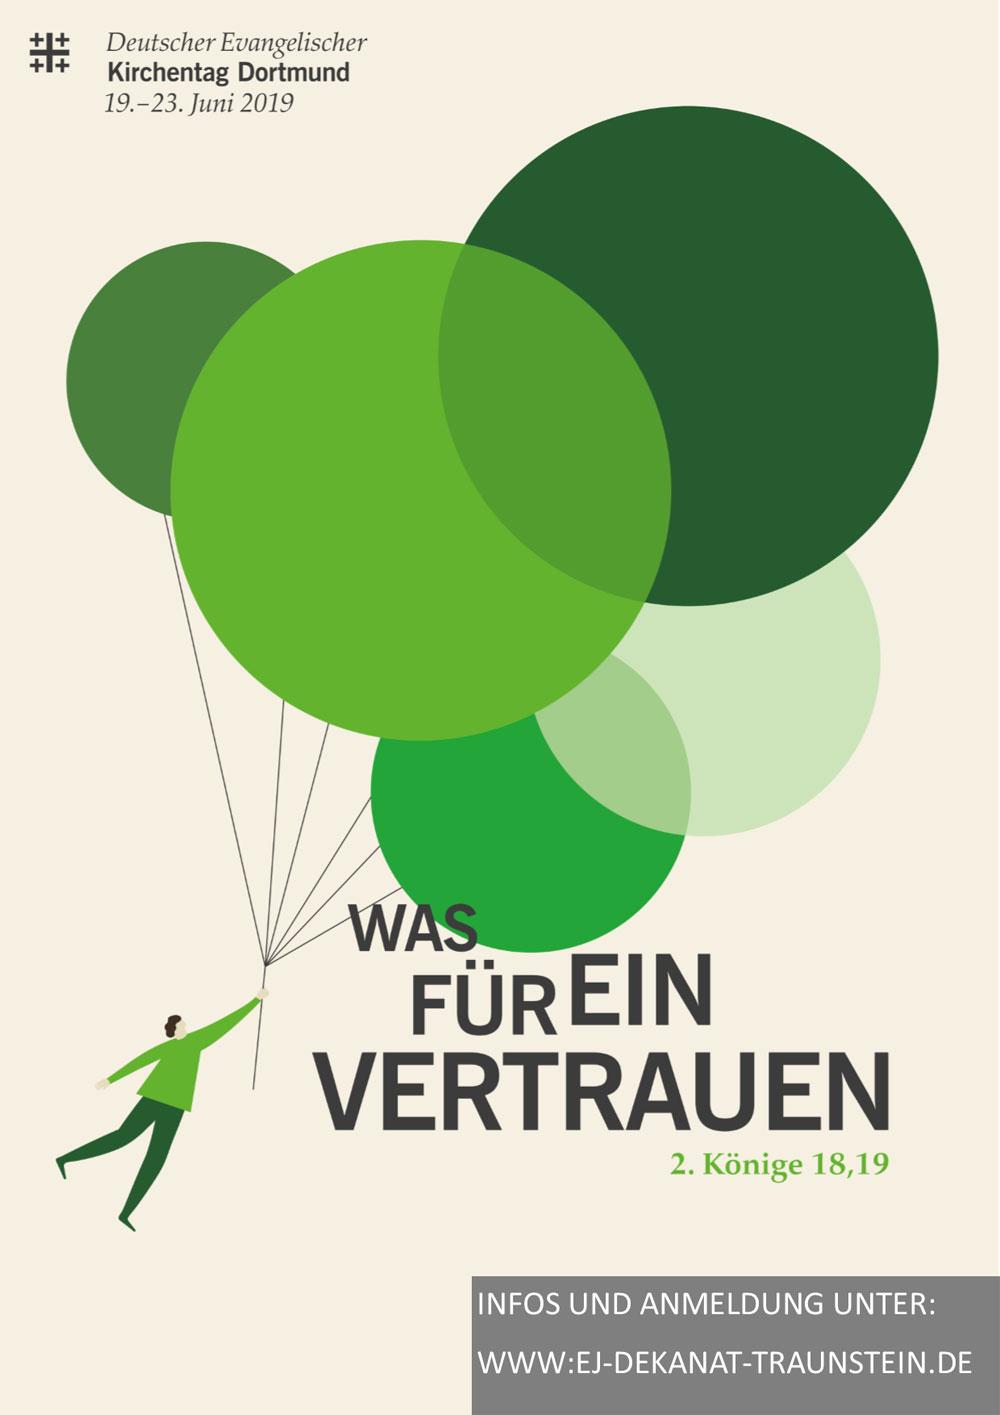 Flyer zum Kirchentag zeigt Mann, der von grünen Luftballons in die Lüfte gezogen wird.